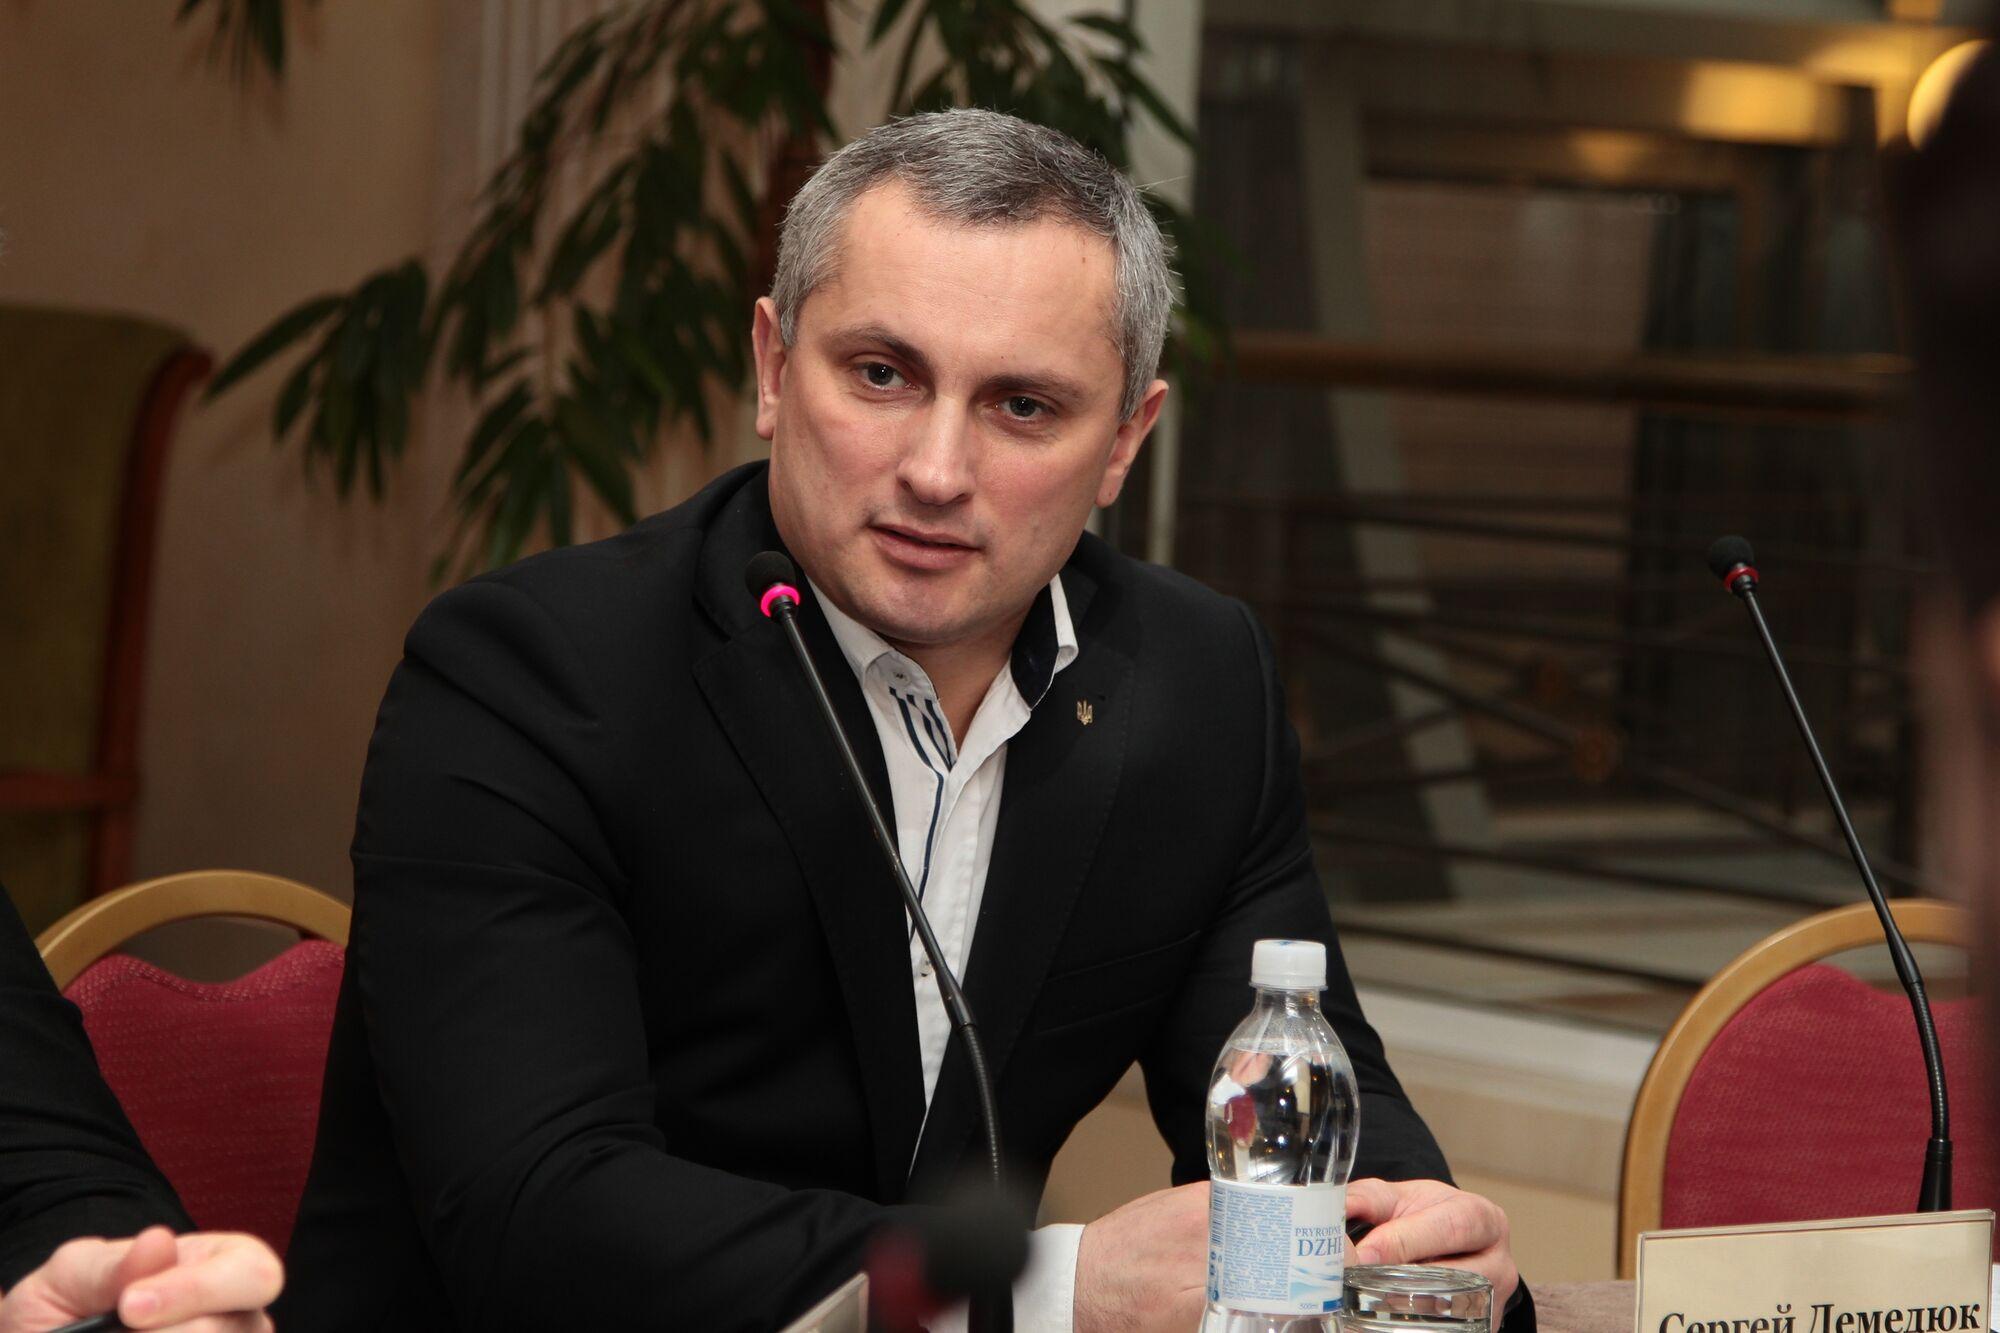 У хакеров может быть более мощный канал для шпионажа в Украине – глава киберполиции